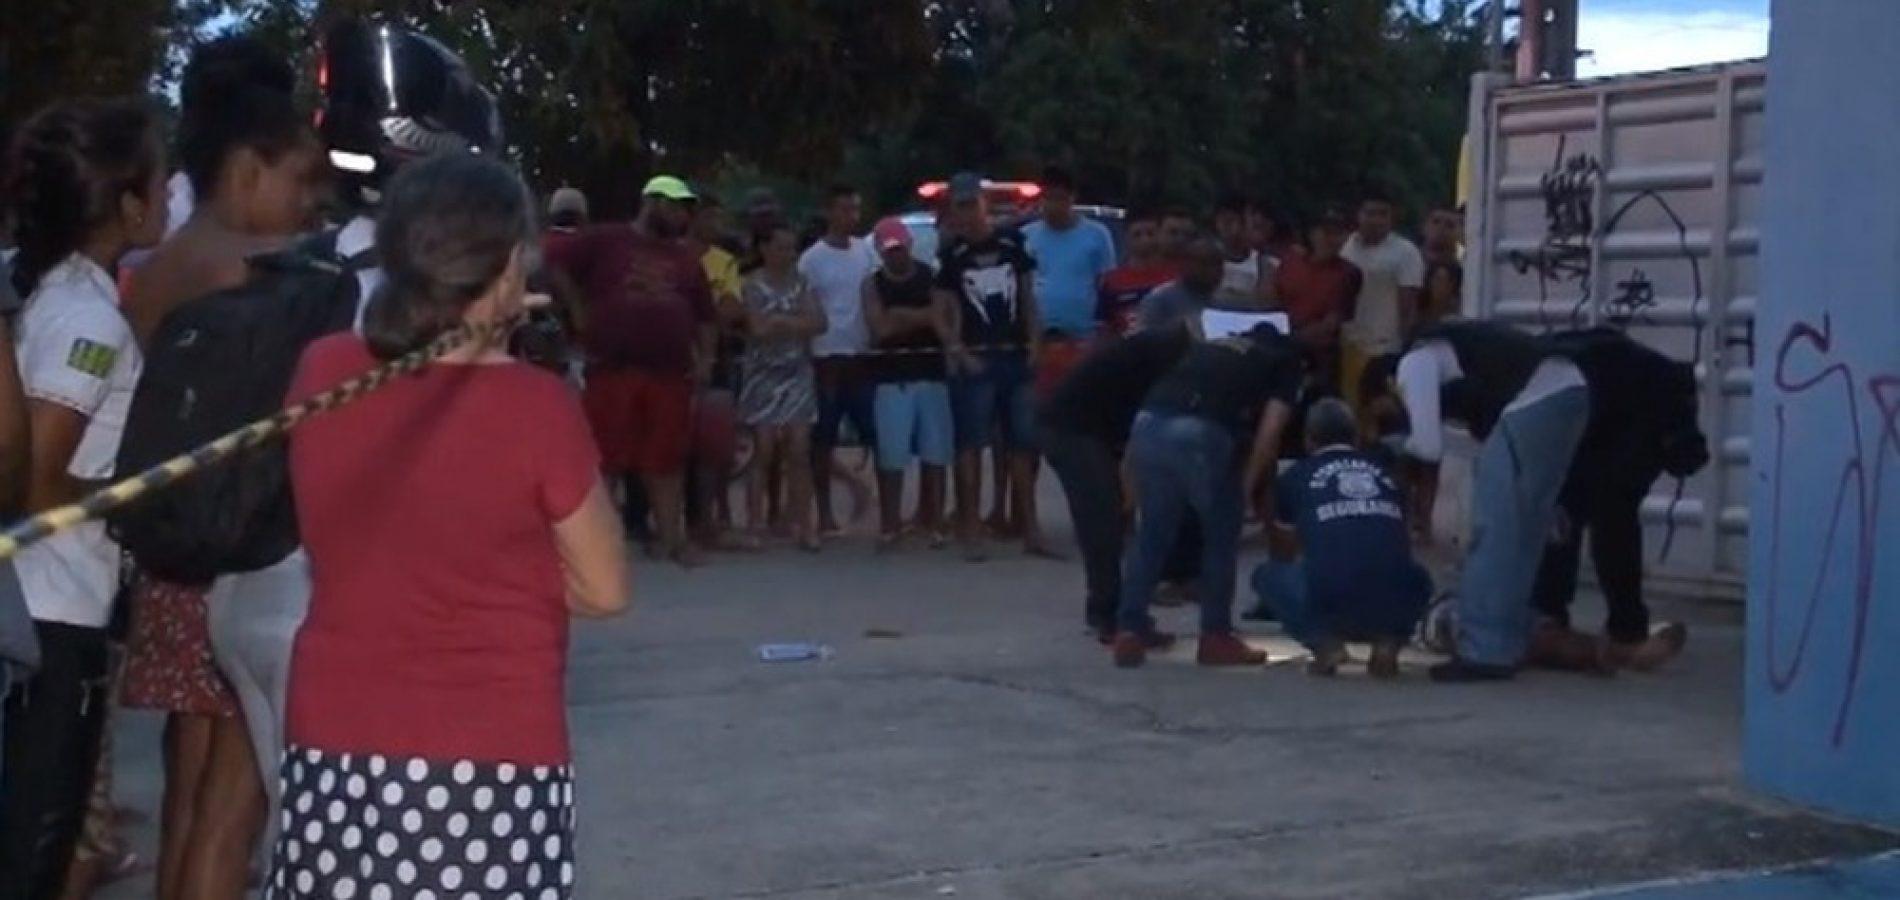 Jovem se recusa a entregar celular em assalto e morre com tiro na cabeça